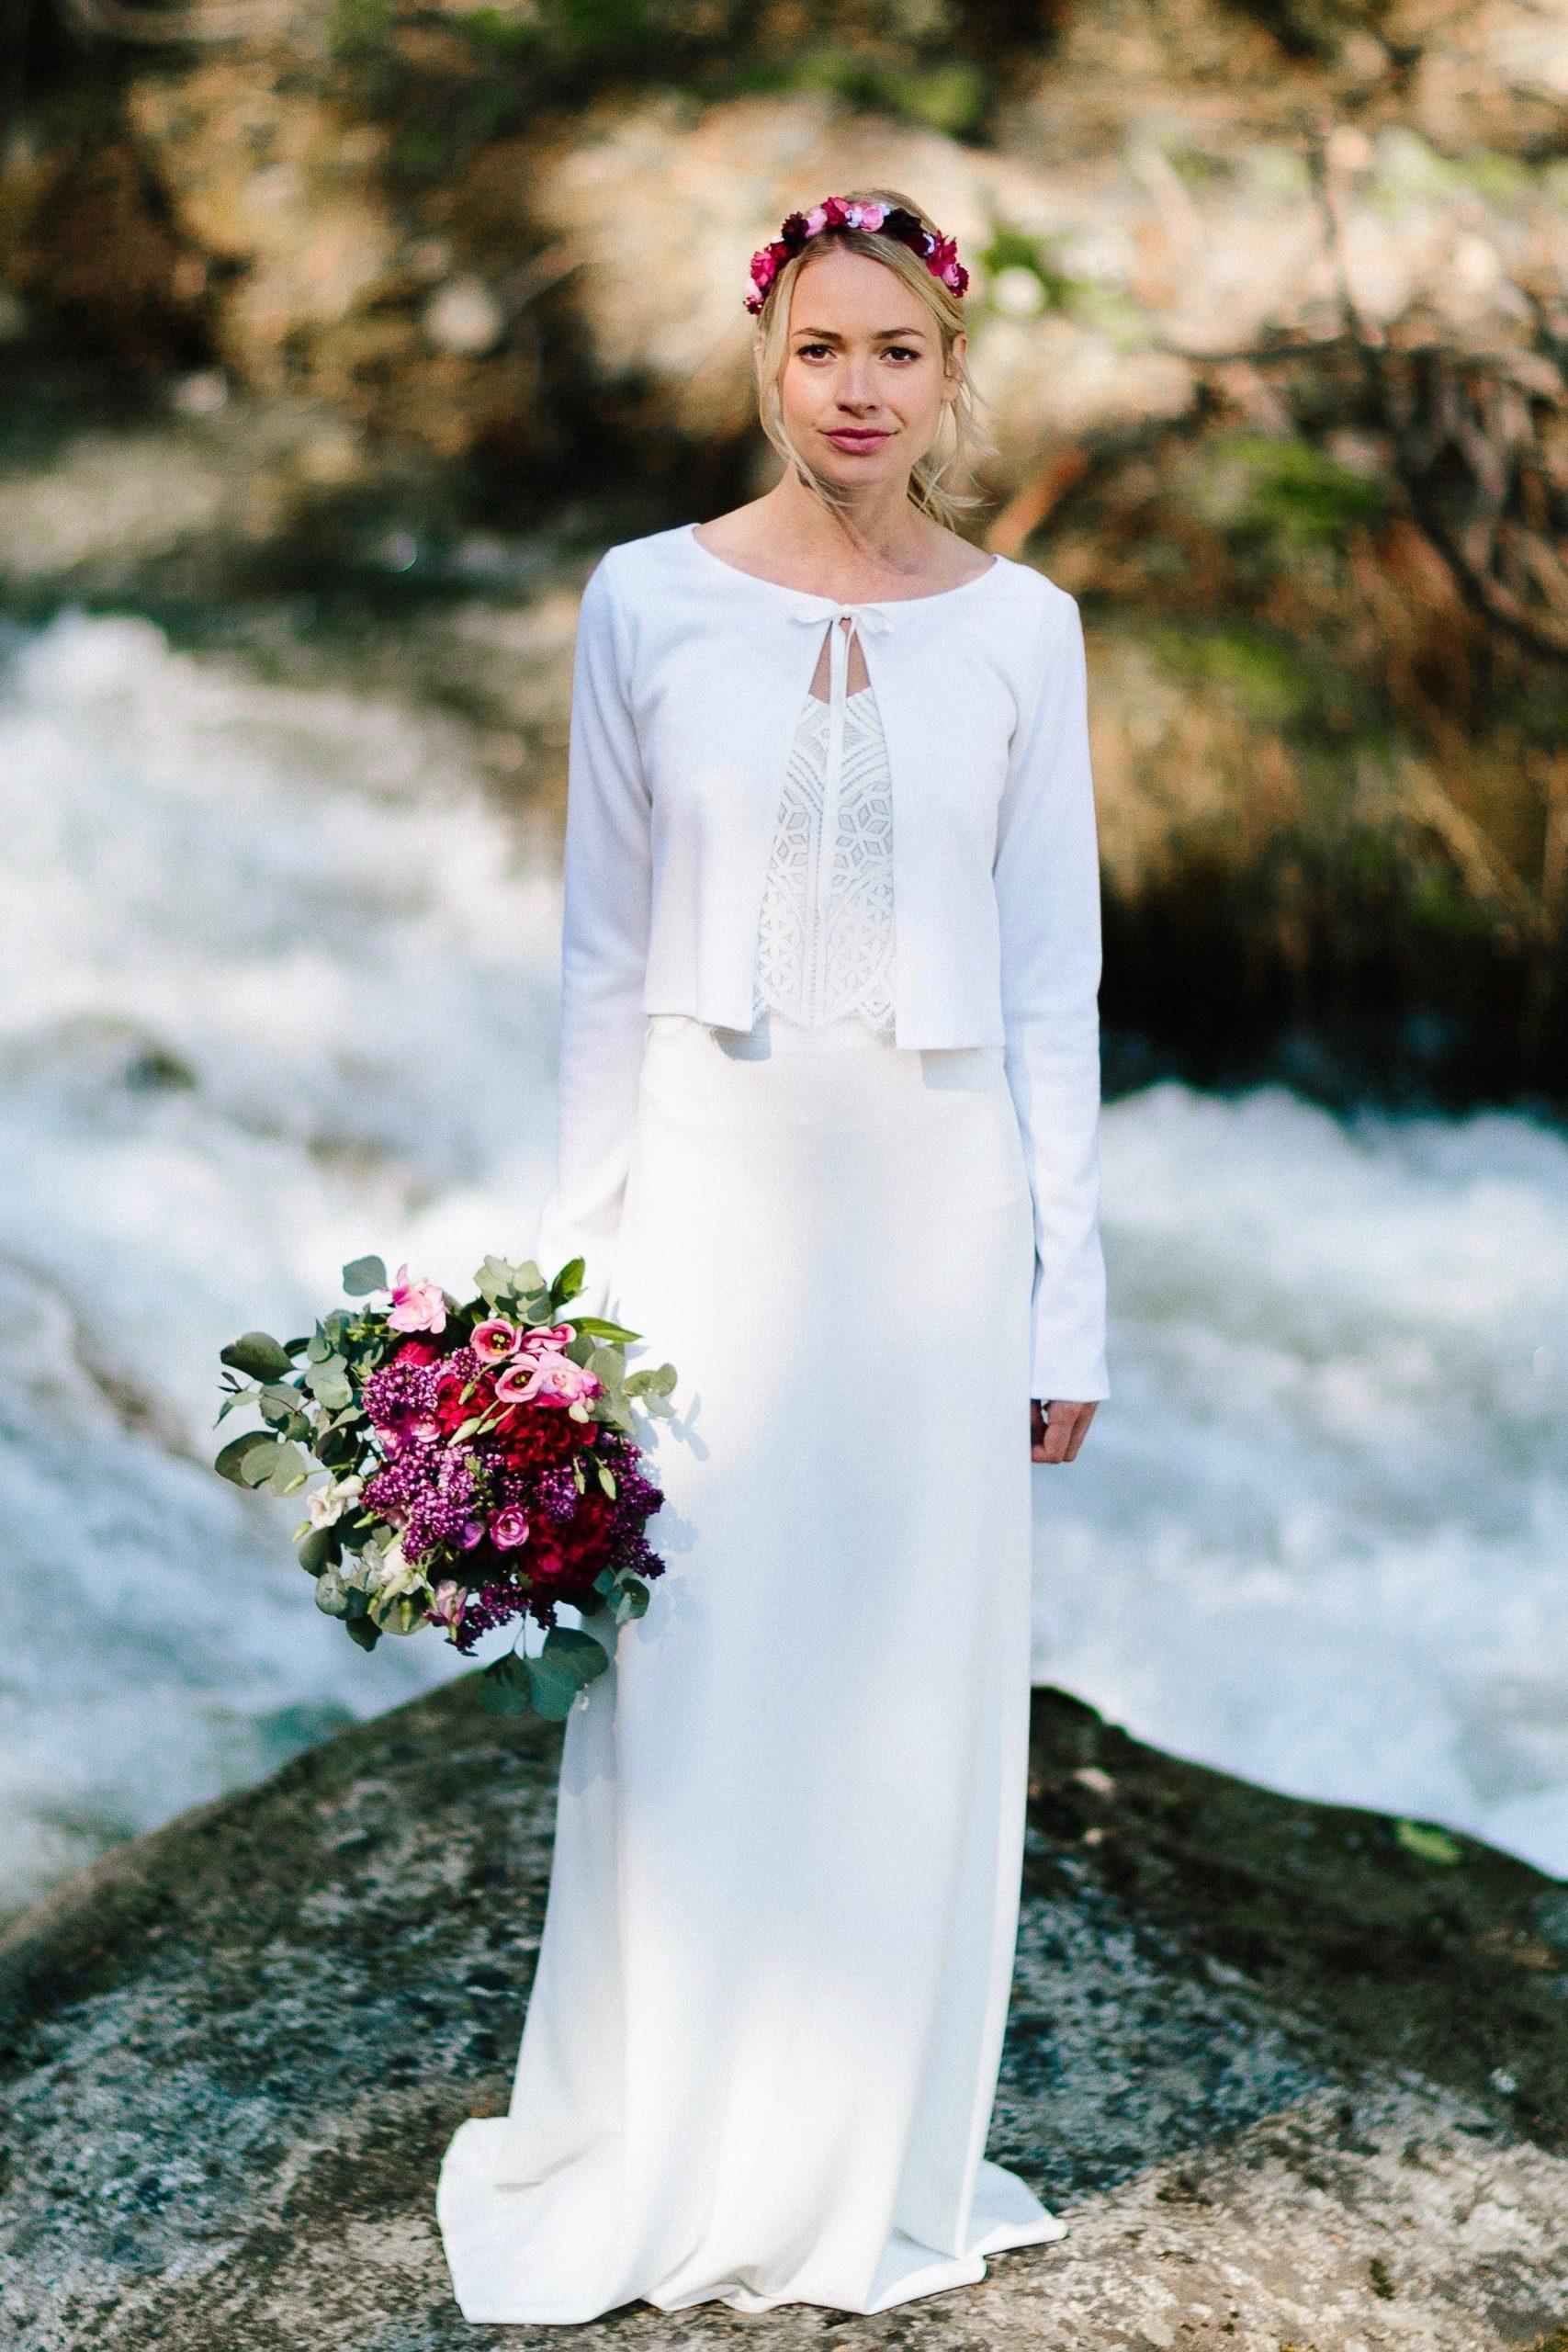 Brautkleider für die Hochzeit im Herbst oder Winter  noni Dekor